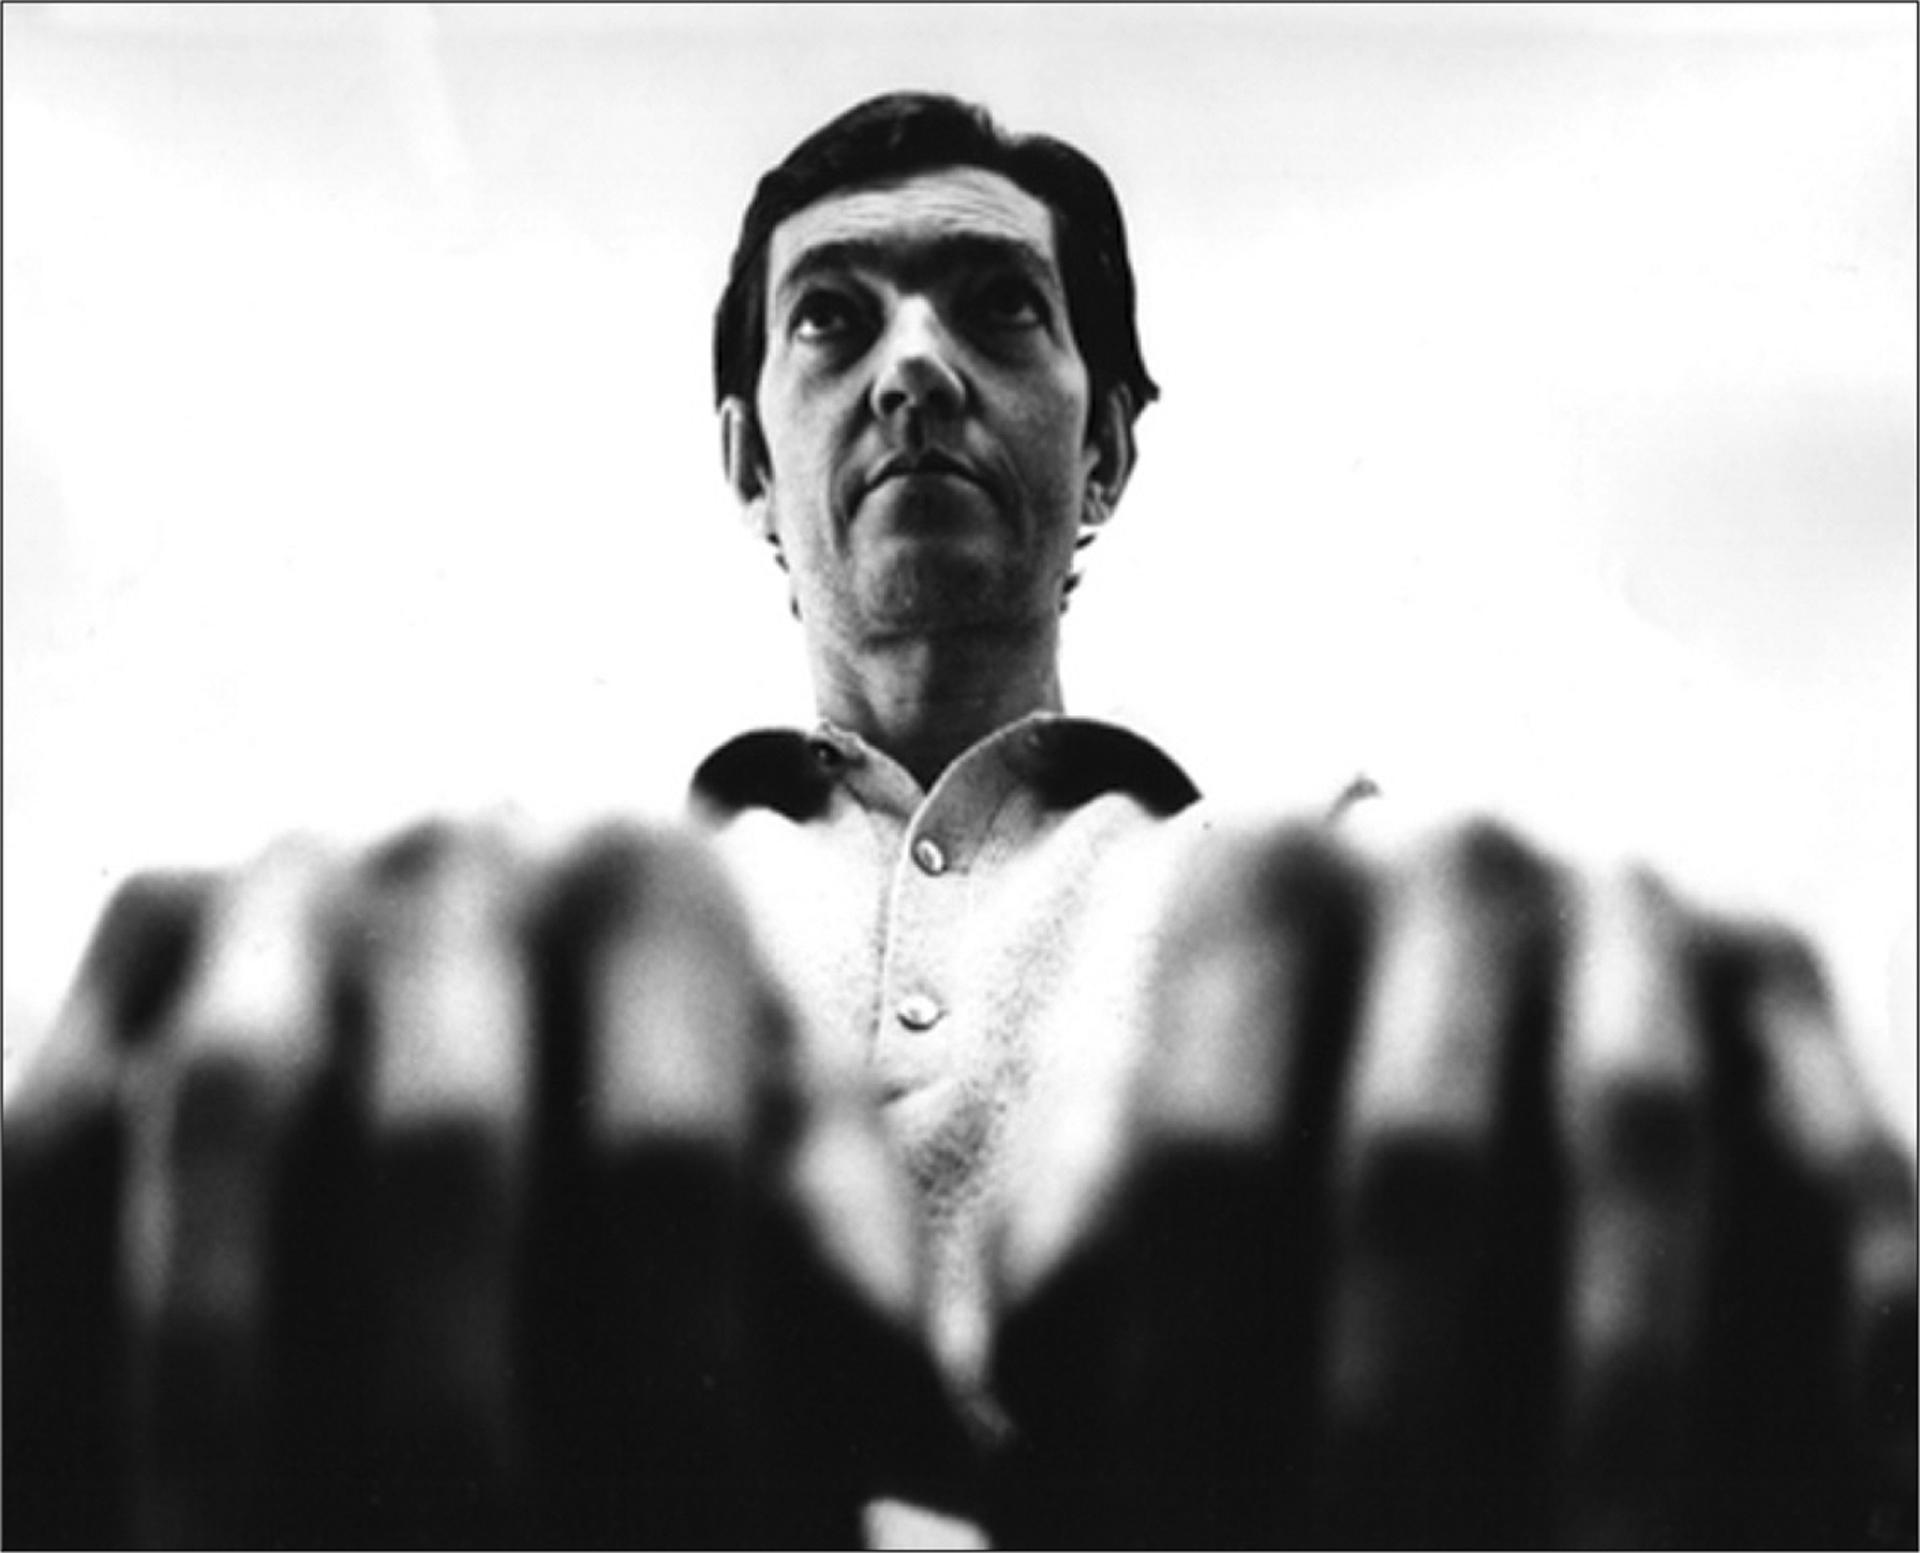 Pocos escritores han influenciado tanto a su generación y las generaciones siguientes como Julio Cortázar